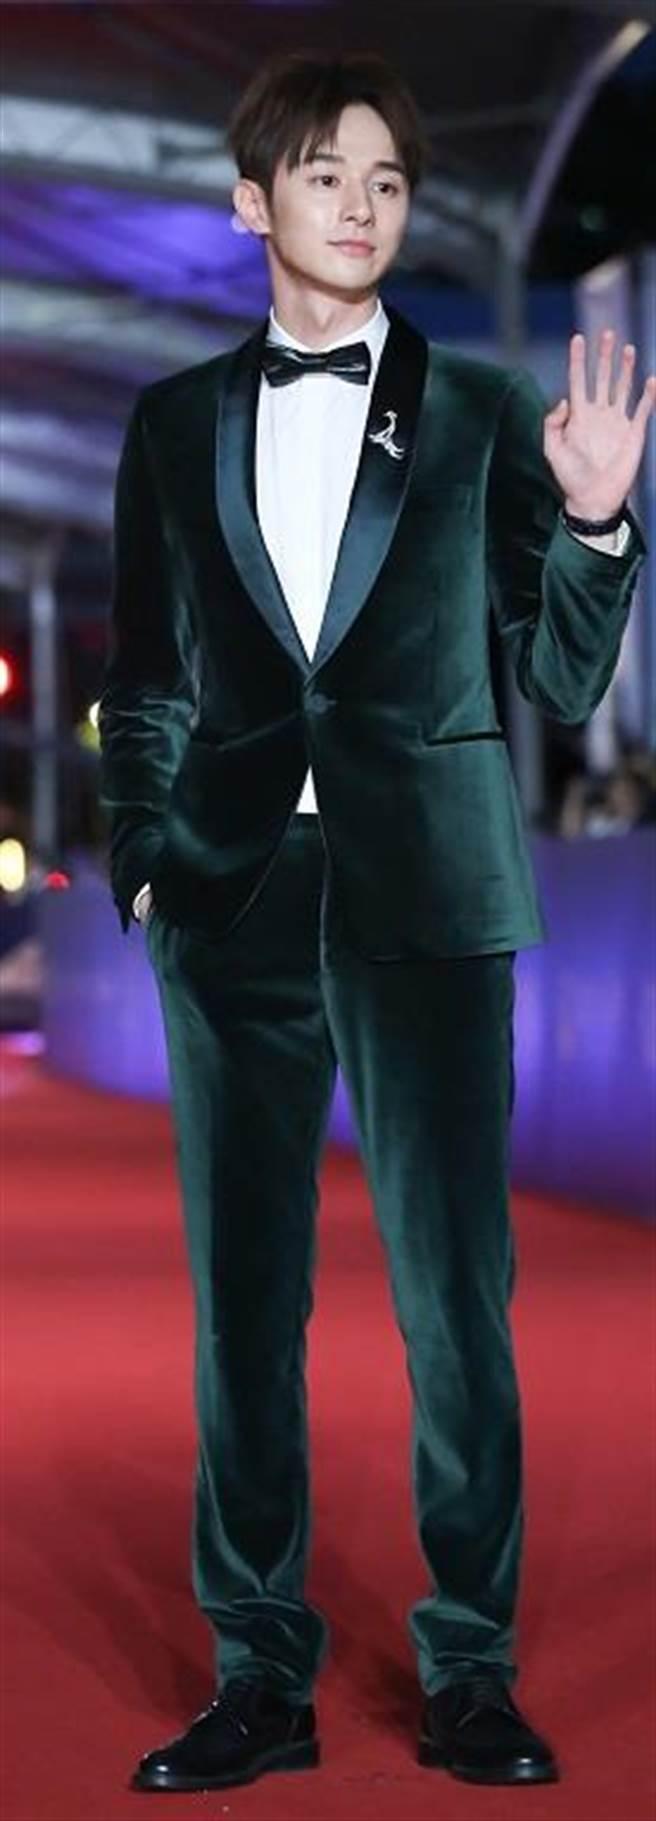 向來是乖乖牌張軒睿挑戰Paul Smith綠色絲絨西裝,詮釋悶騷時尚。